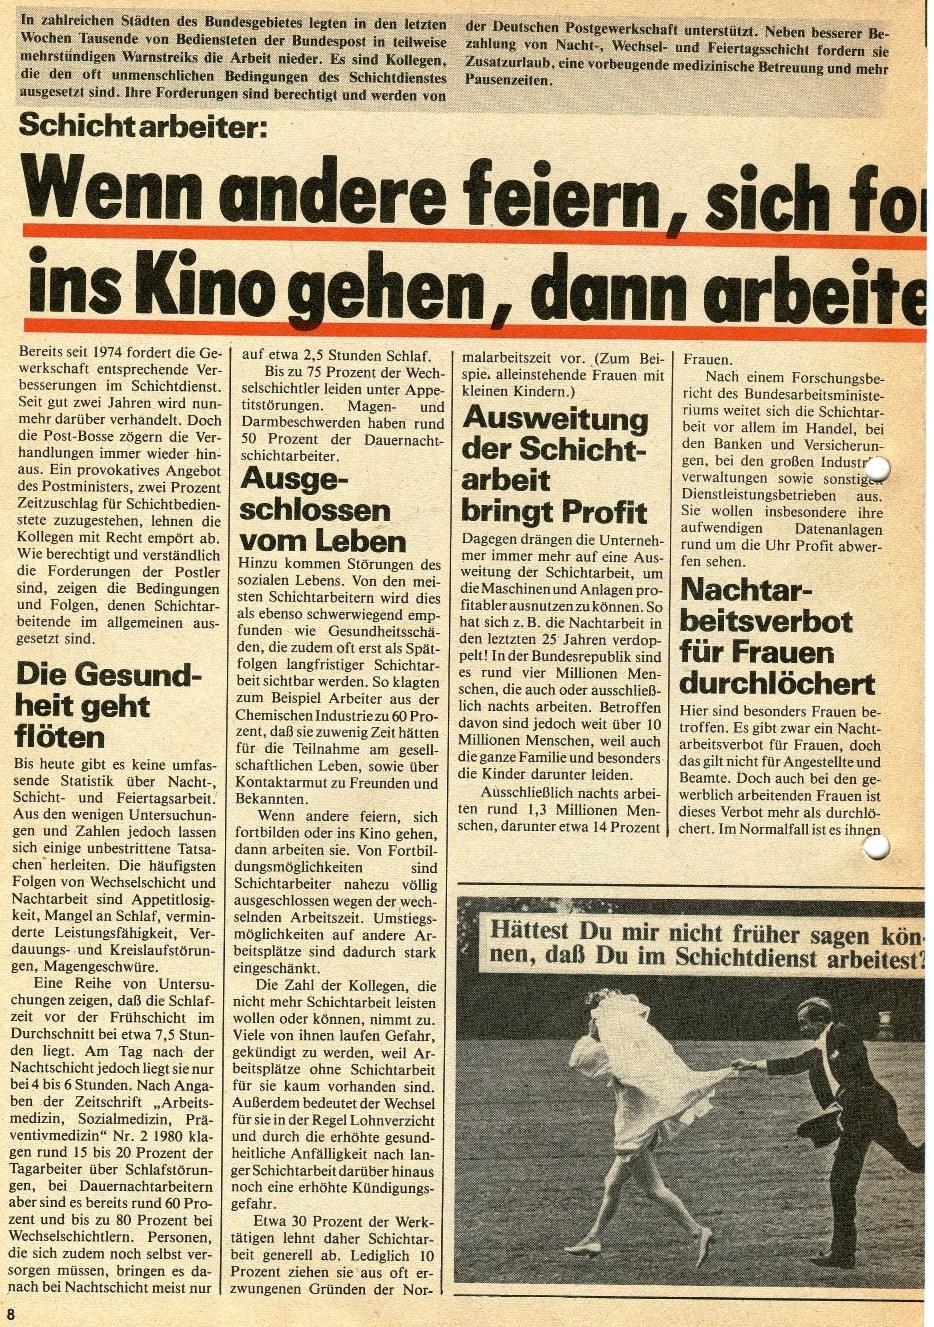 RGO_RGO_Nachrichten_1980_11_08